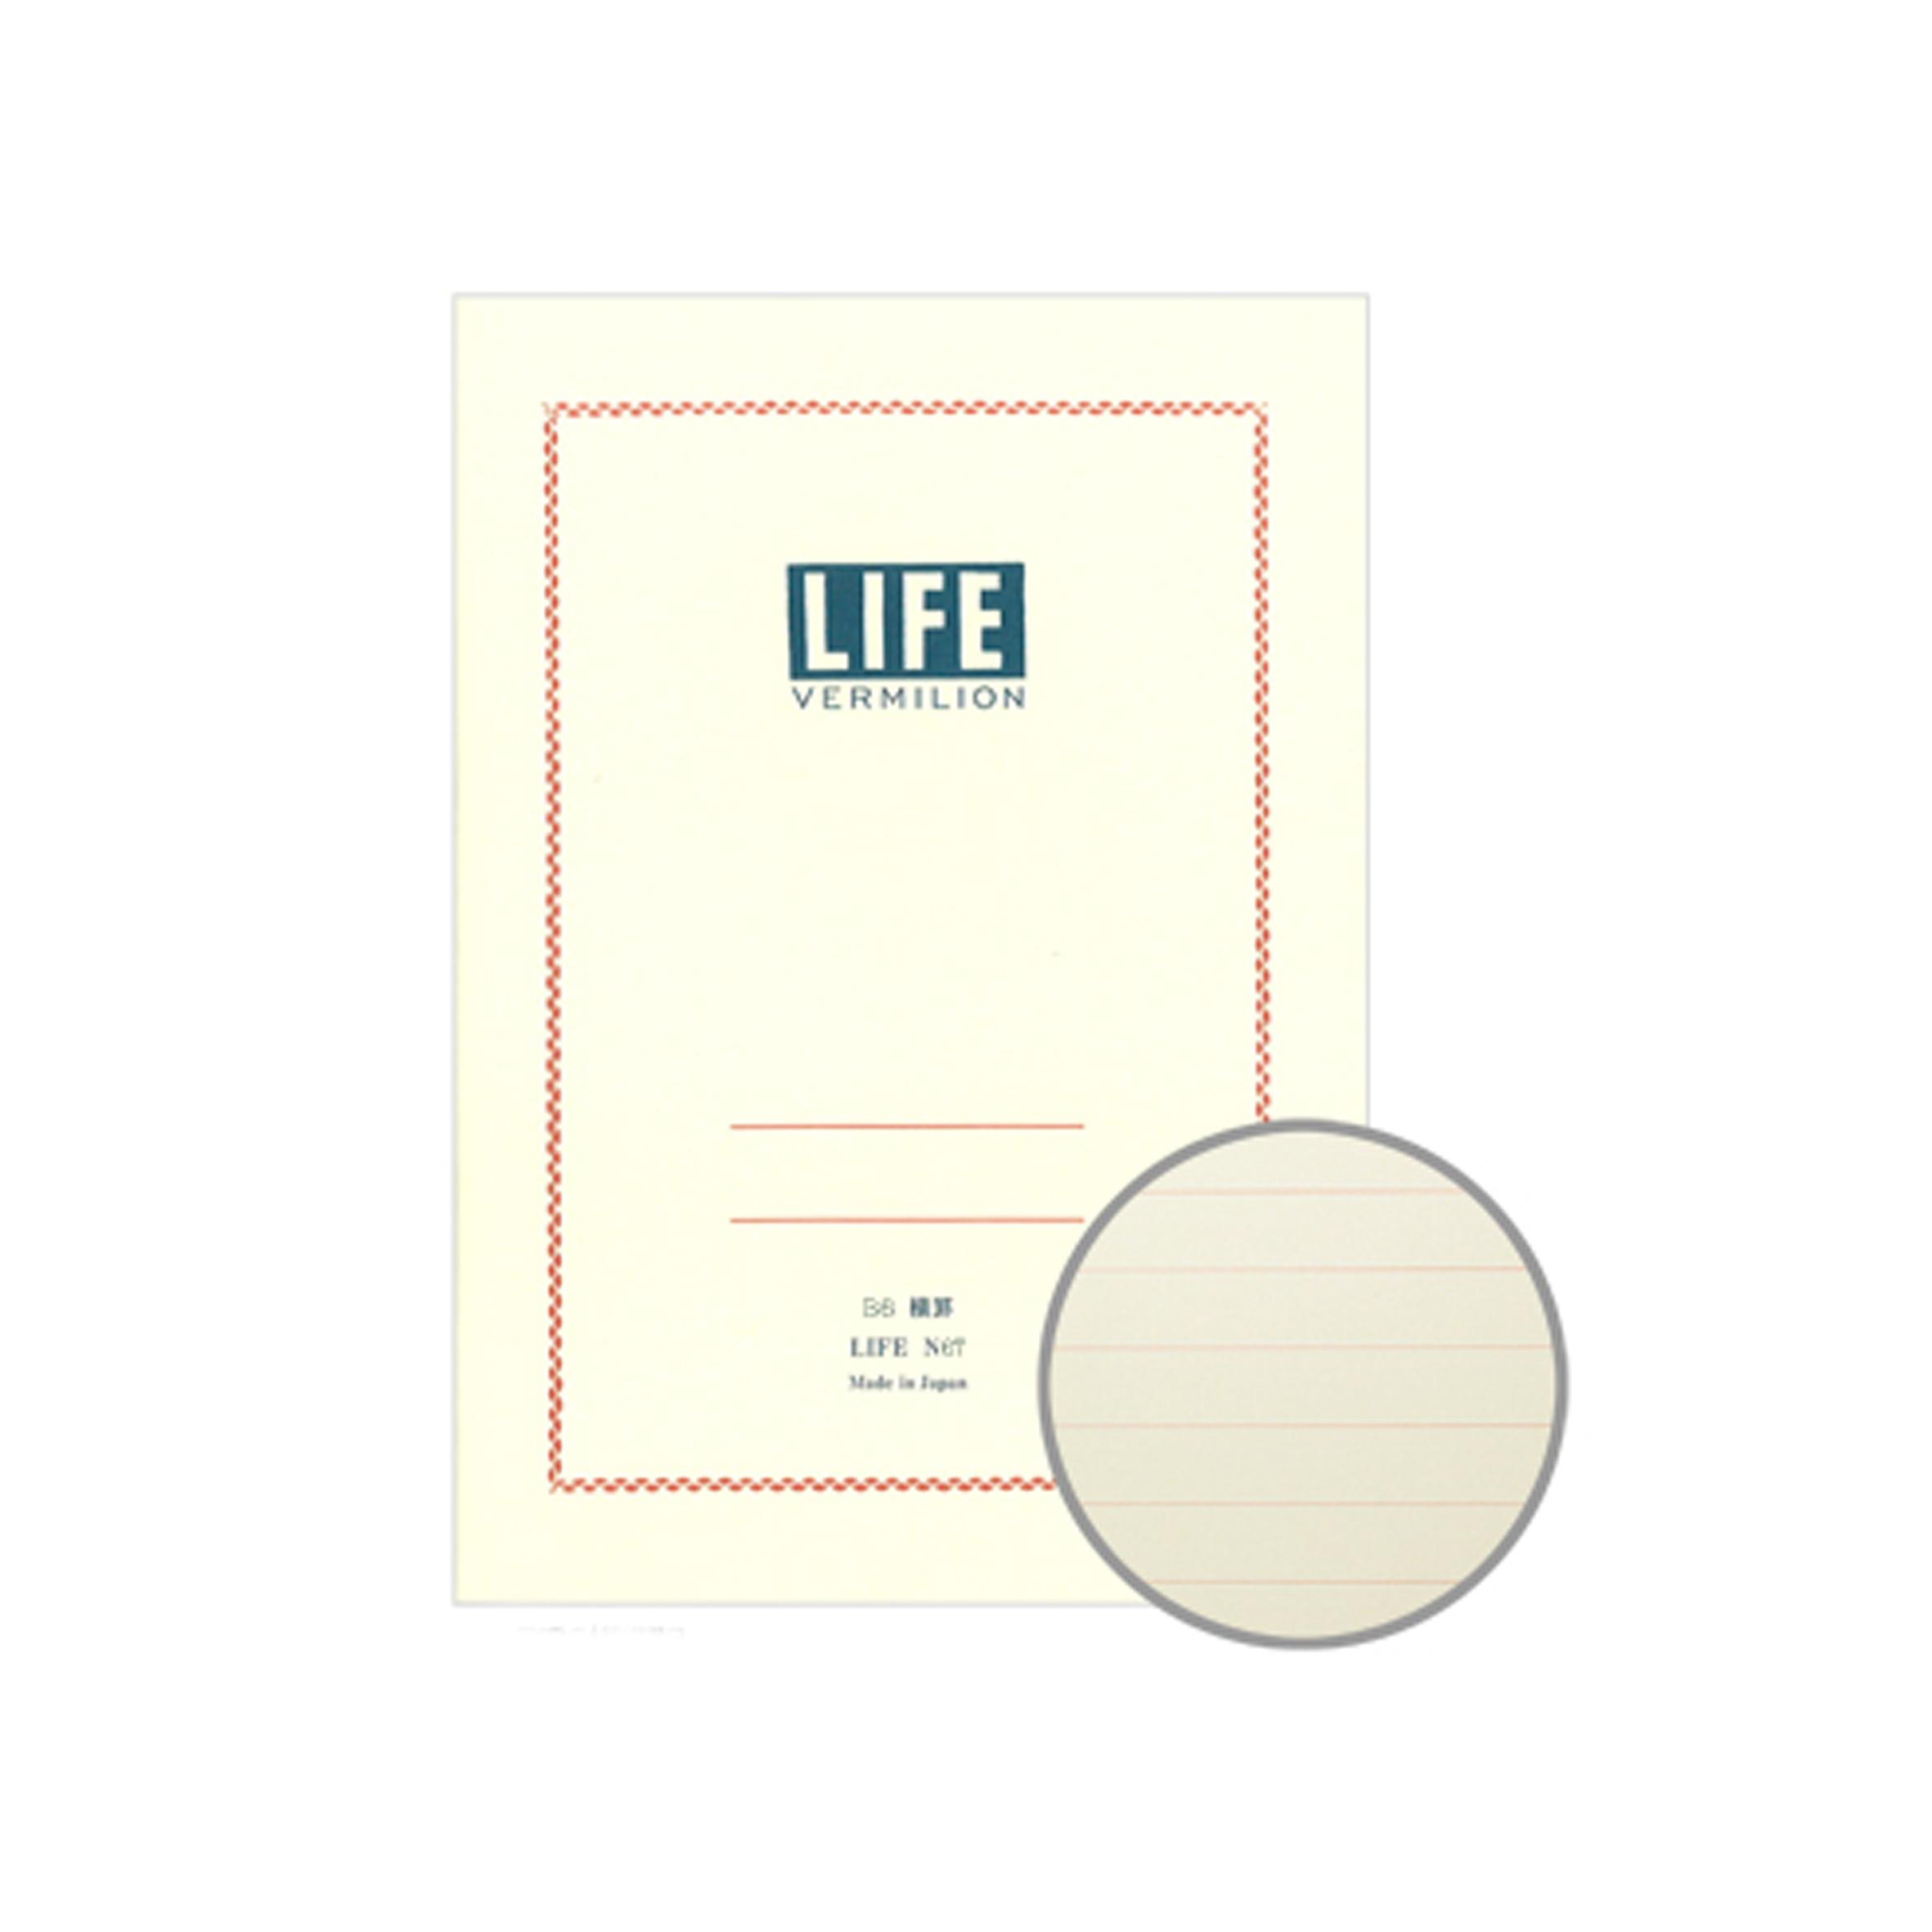 LIFE_朱線_橫線.jpg